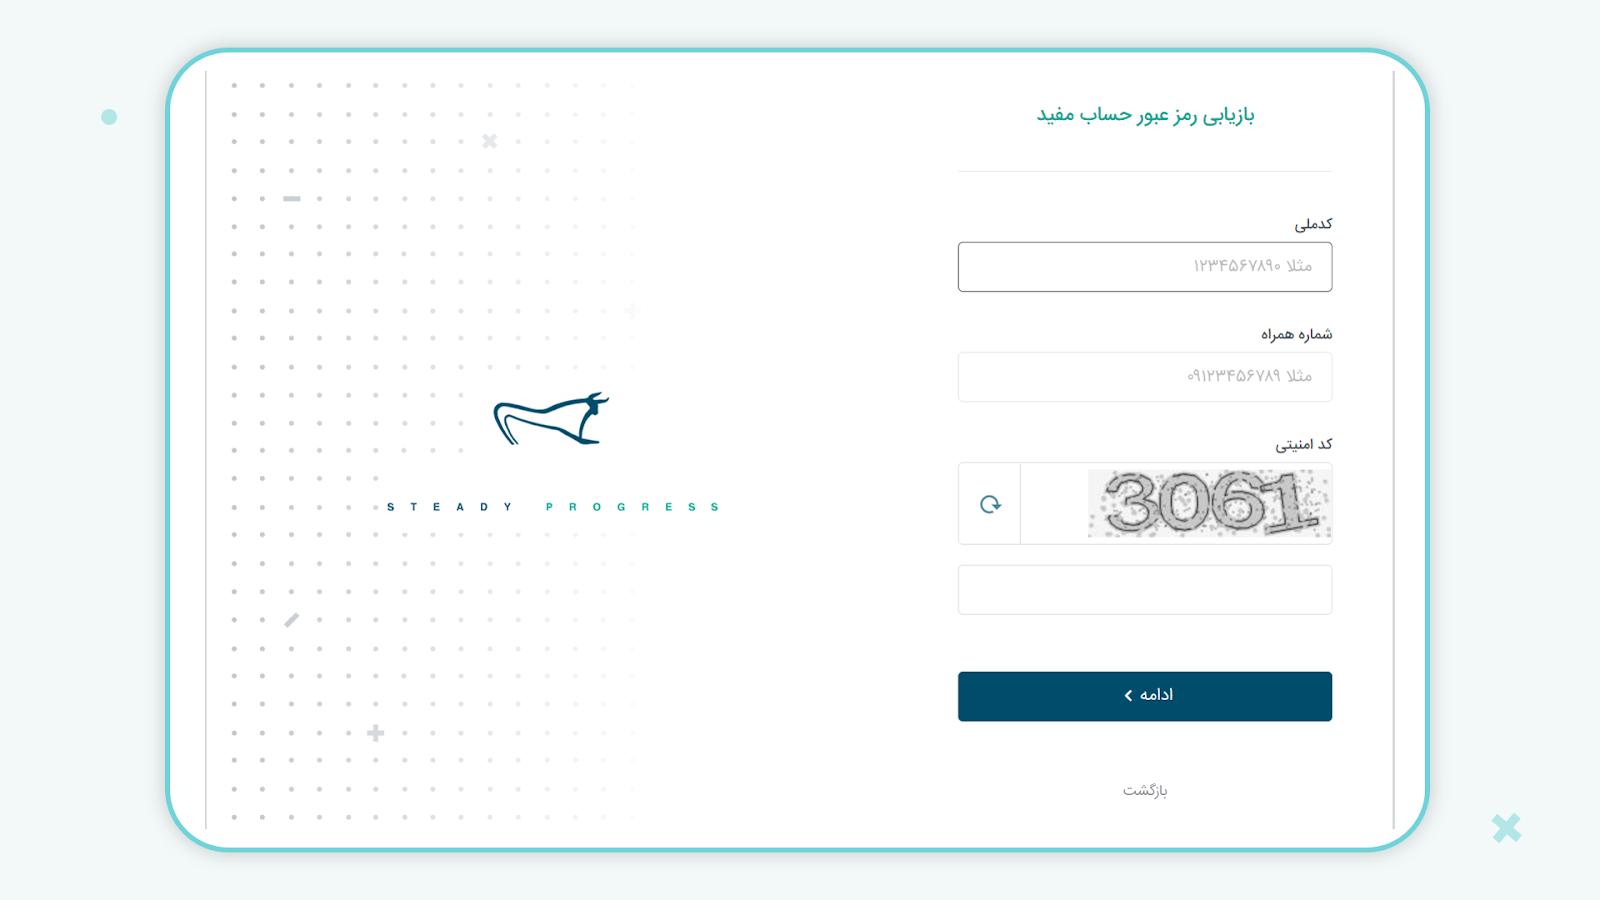 نحوه ورود به سامانه پلکان(باشگاه مشتریان کارگزاری مفید)- صفحه فراموشی رمز